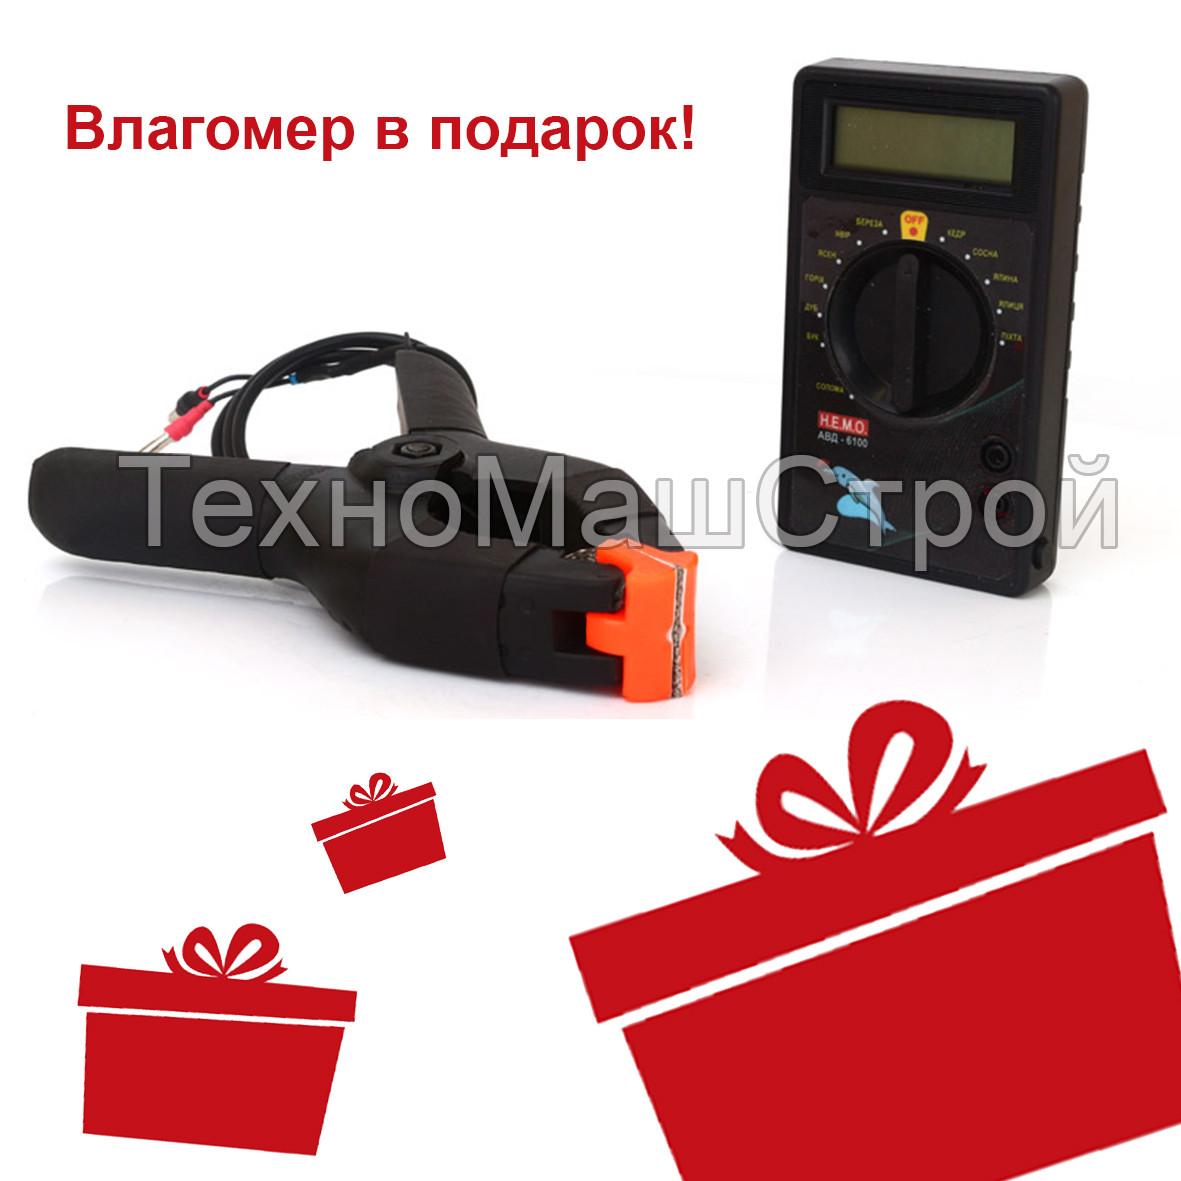 При покупке сушильного комплекса СА-400 или СА-600 влагомер в подарок !!!!